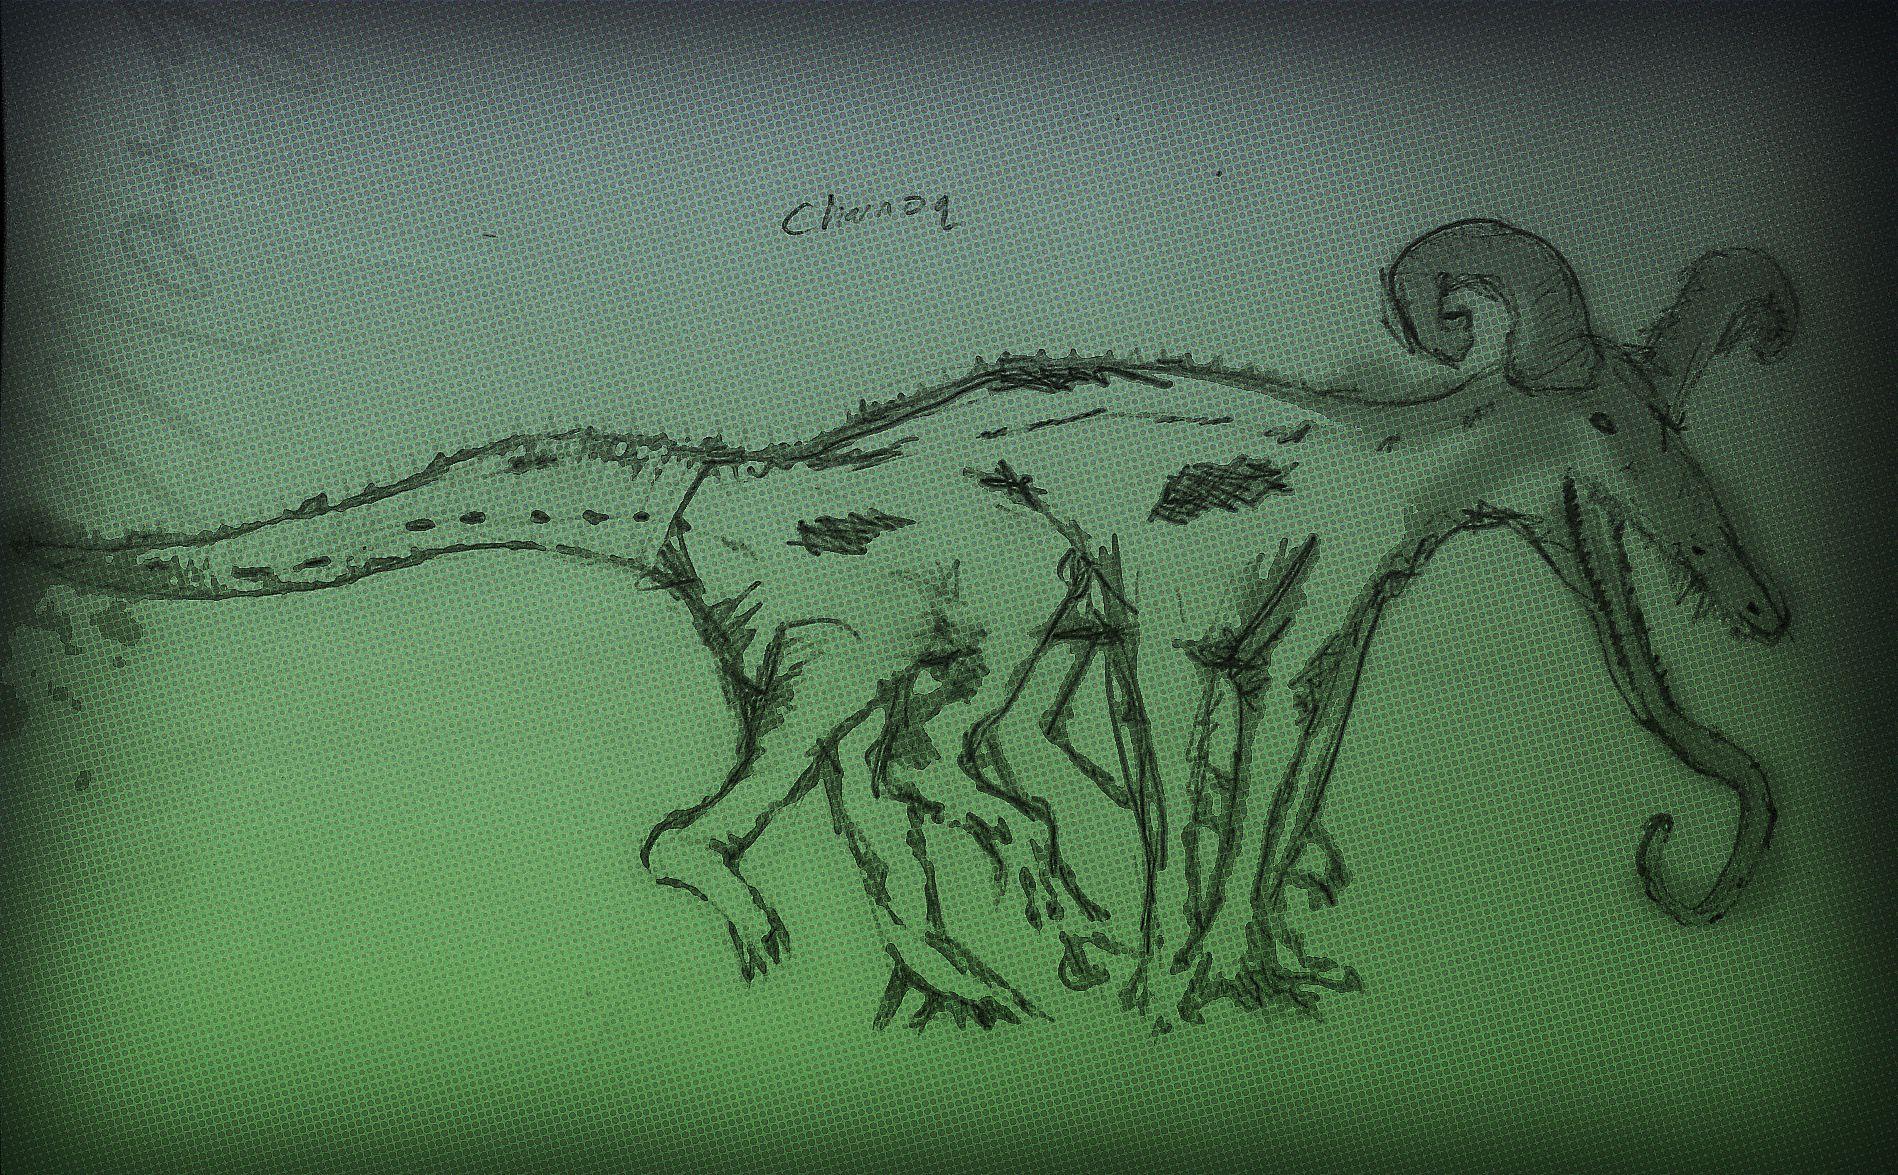 Charnoq